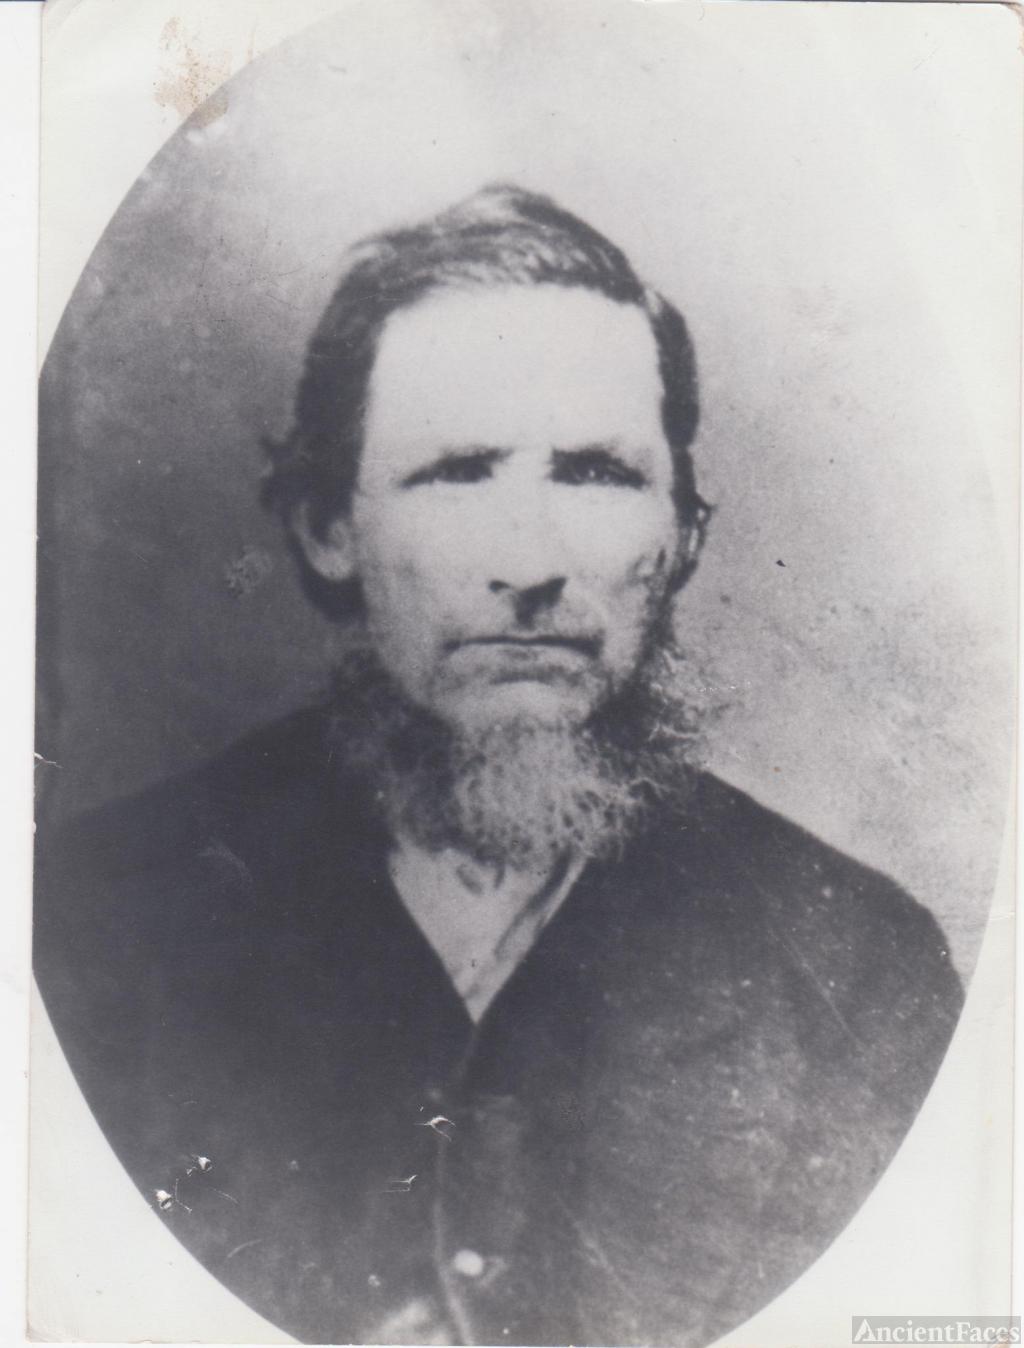 Henry Harlan Gragg